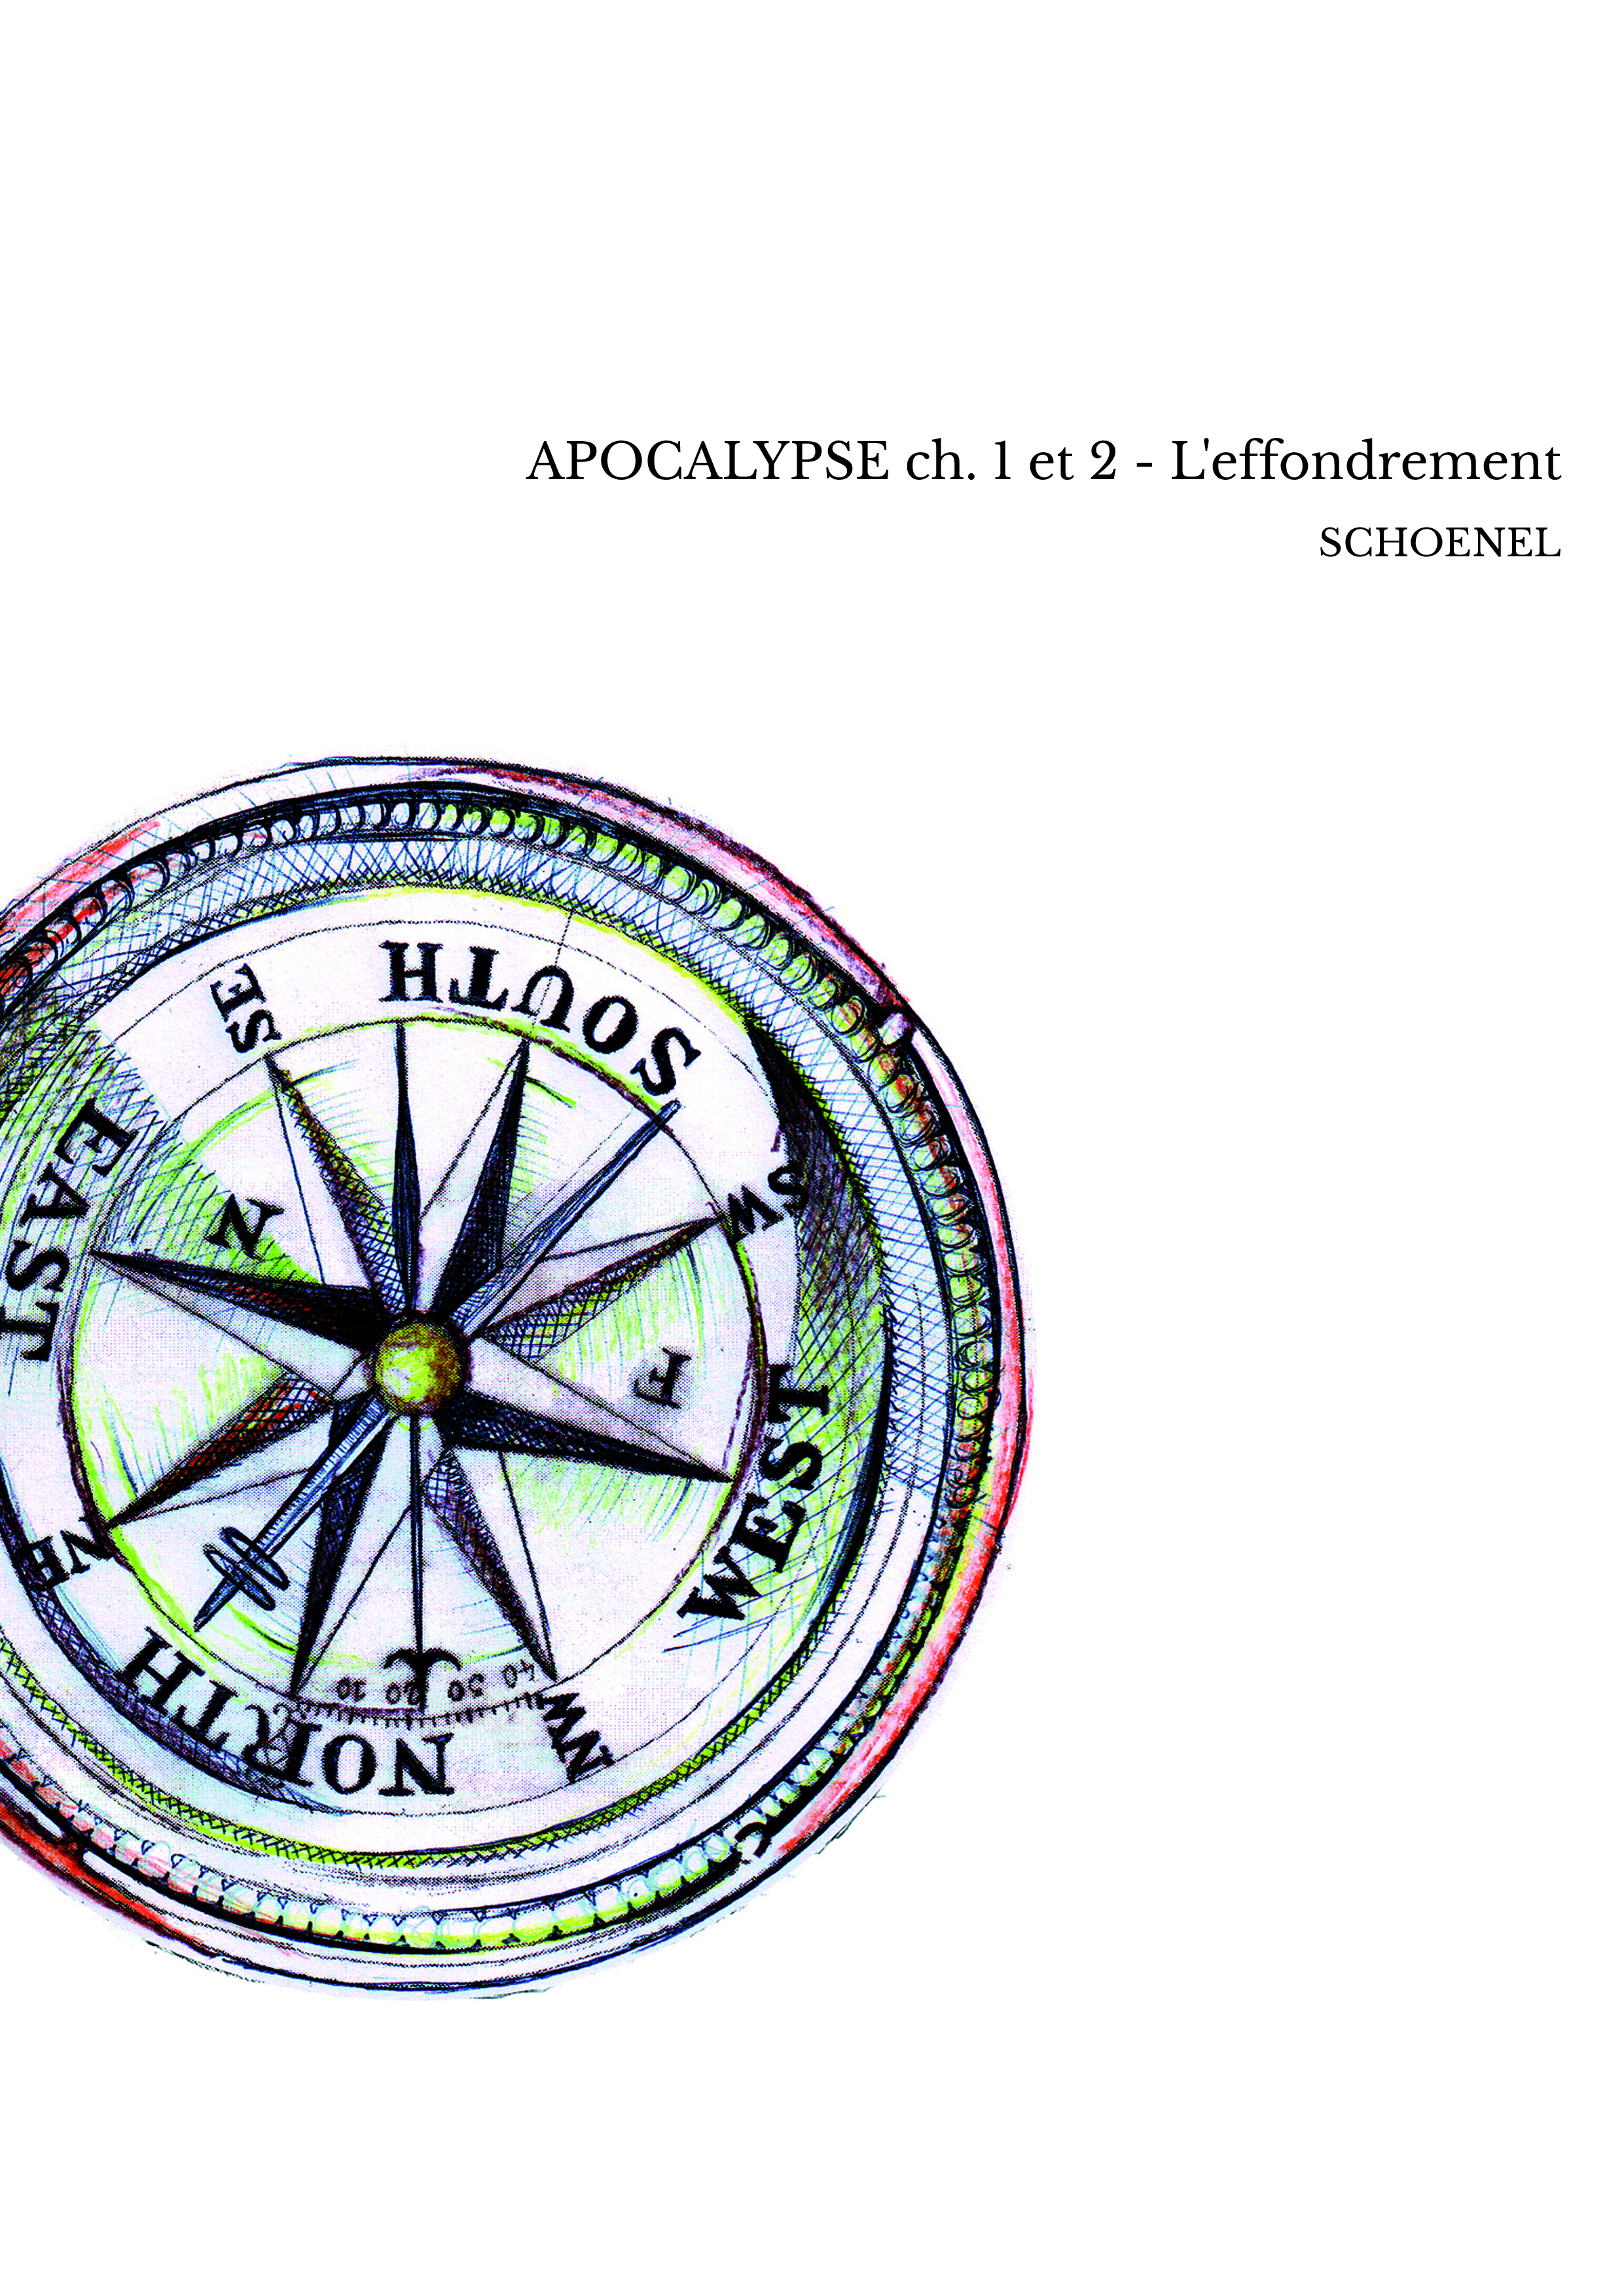 APOCALYPSE ch. 1 et 2 - L'effondrement